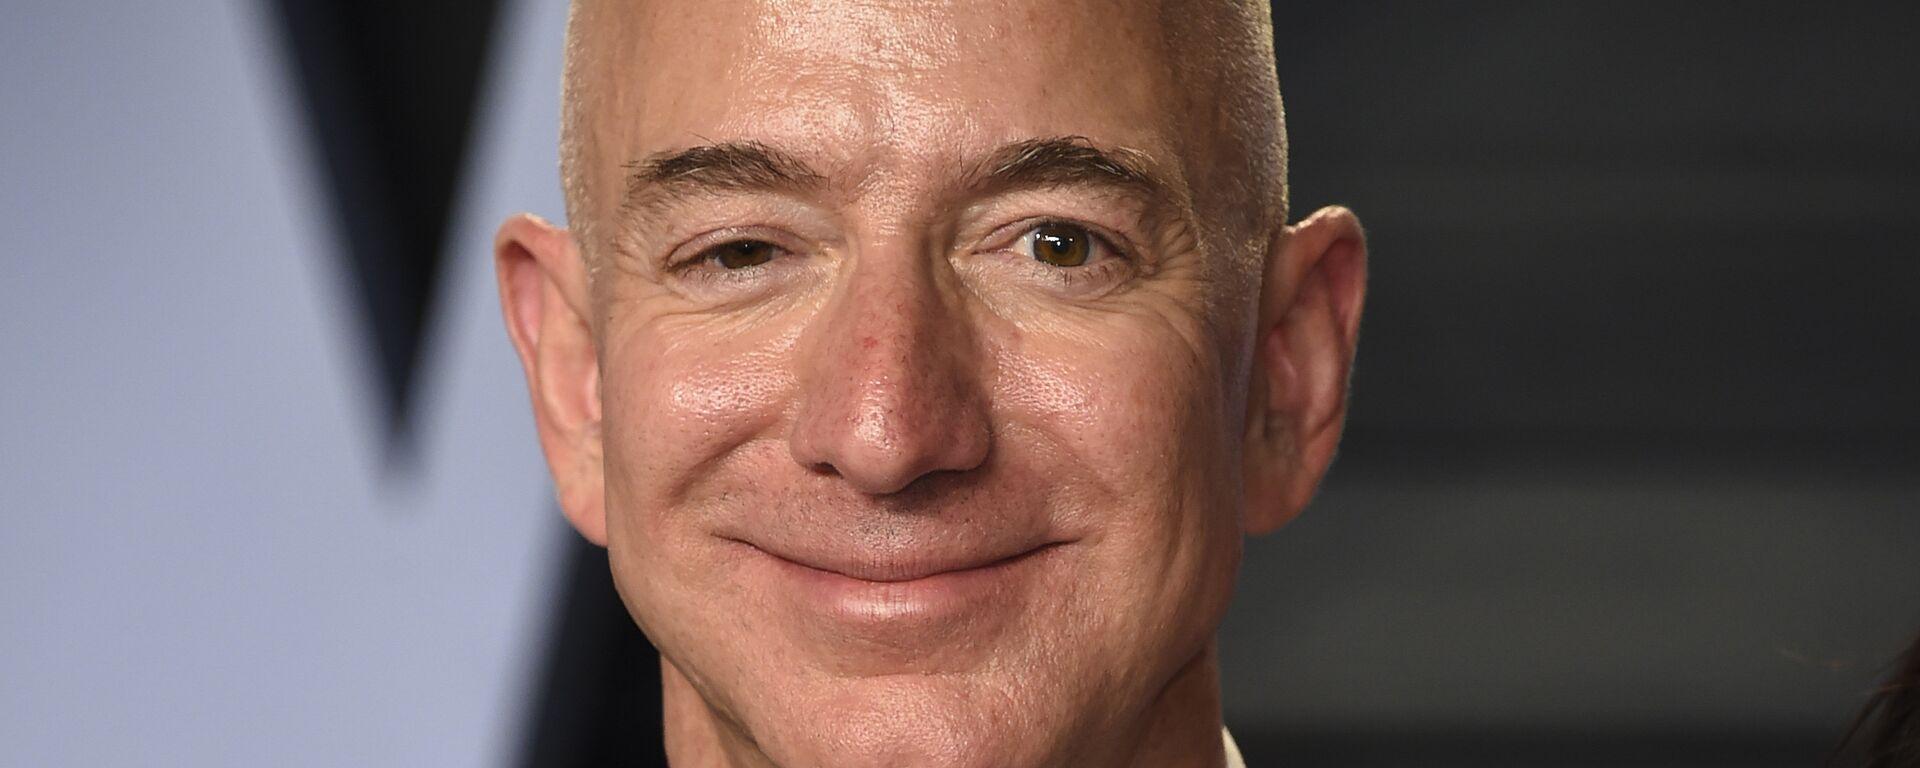 Jeff Bezos, milmillonario estadounidense - Sputnik Mundo, 1920, 24.07.2021